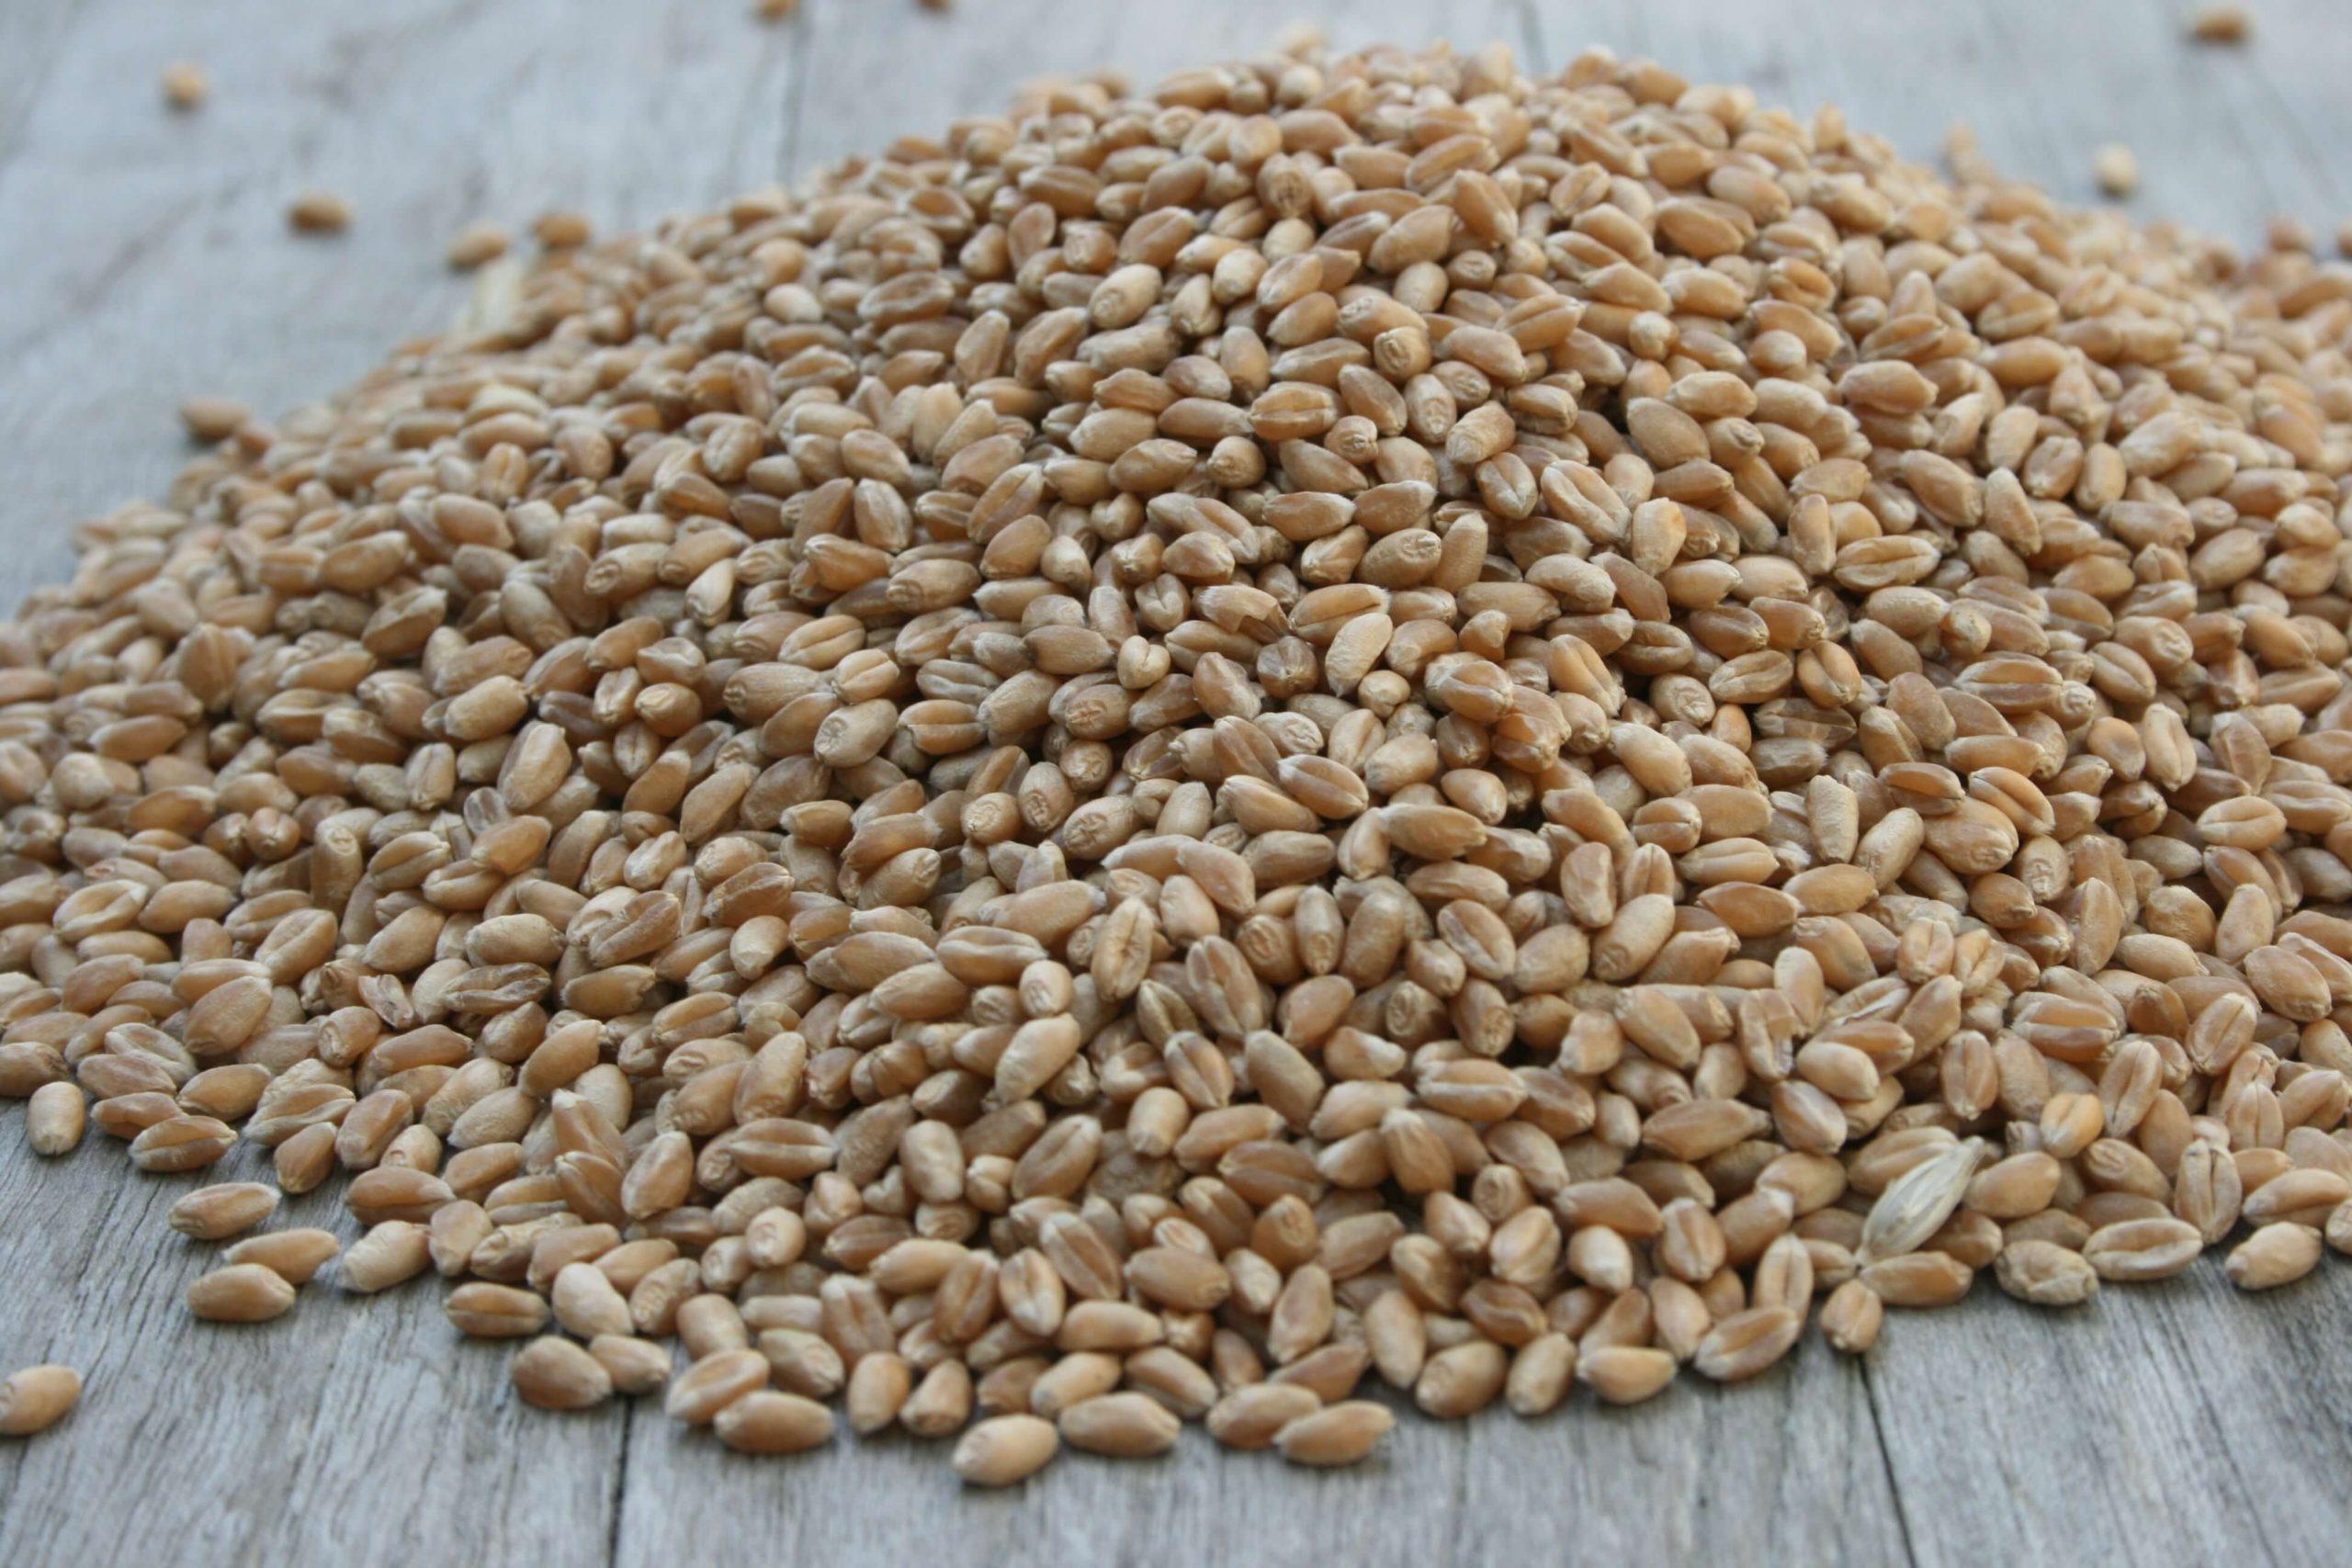 gereinigter Weizen